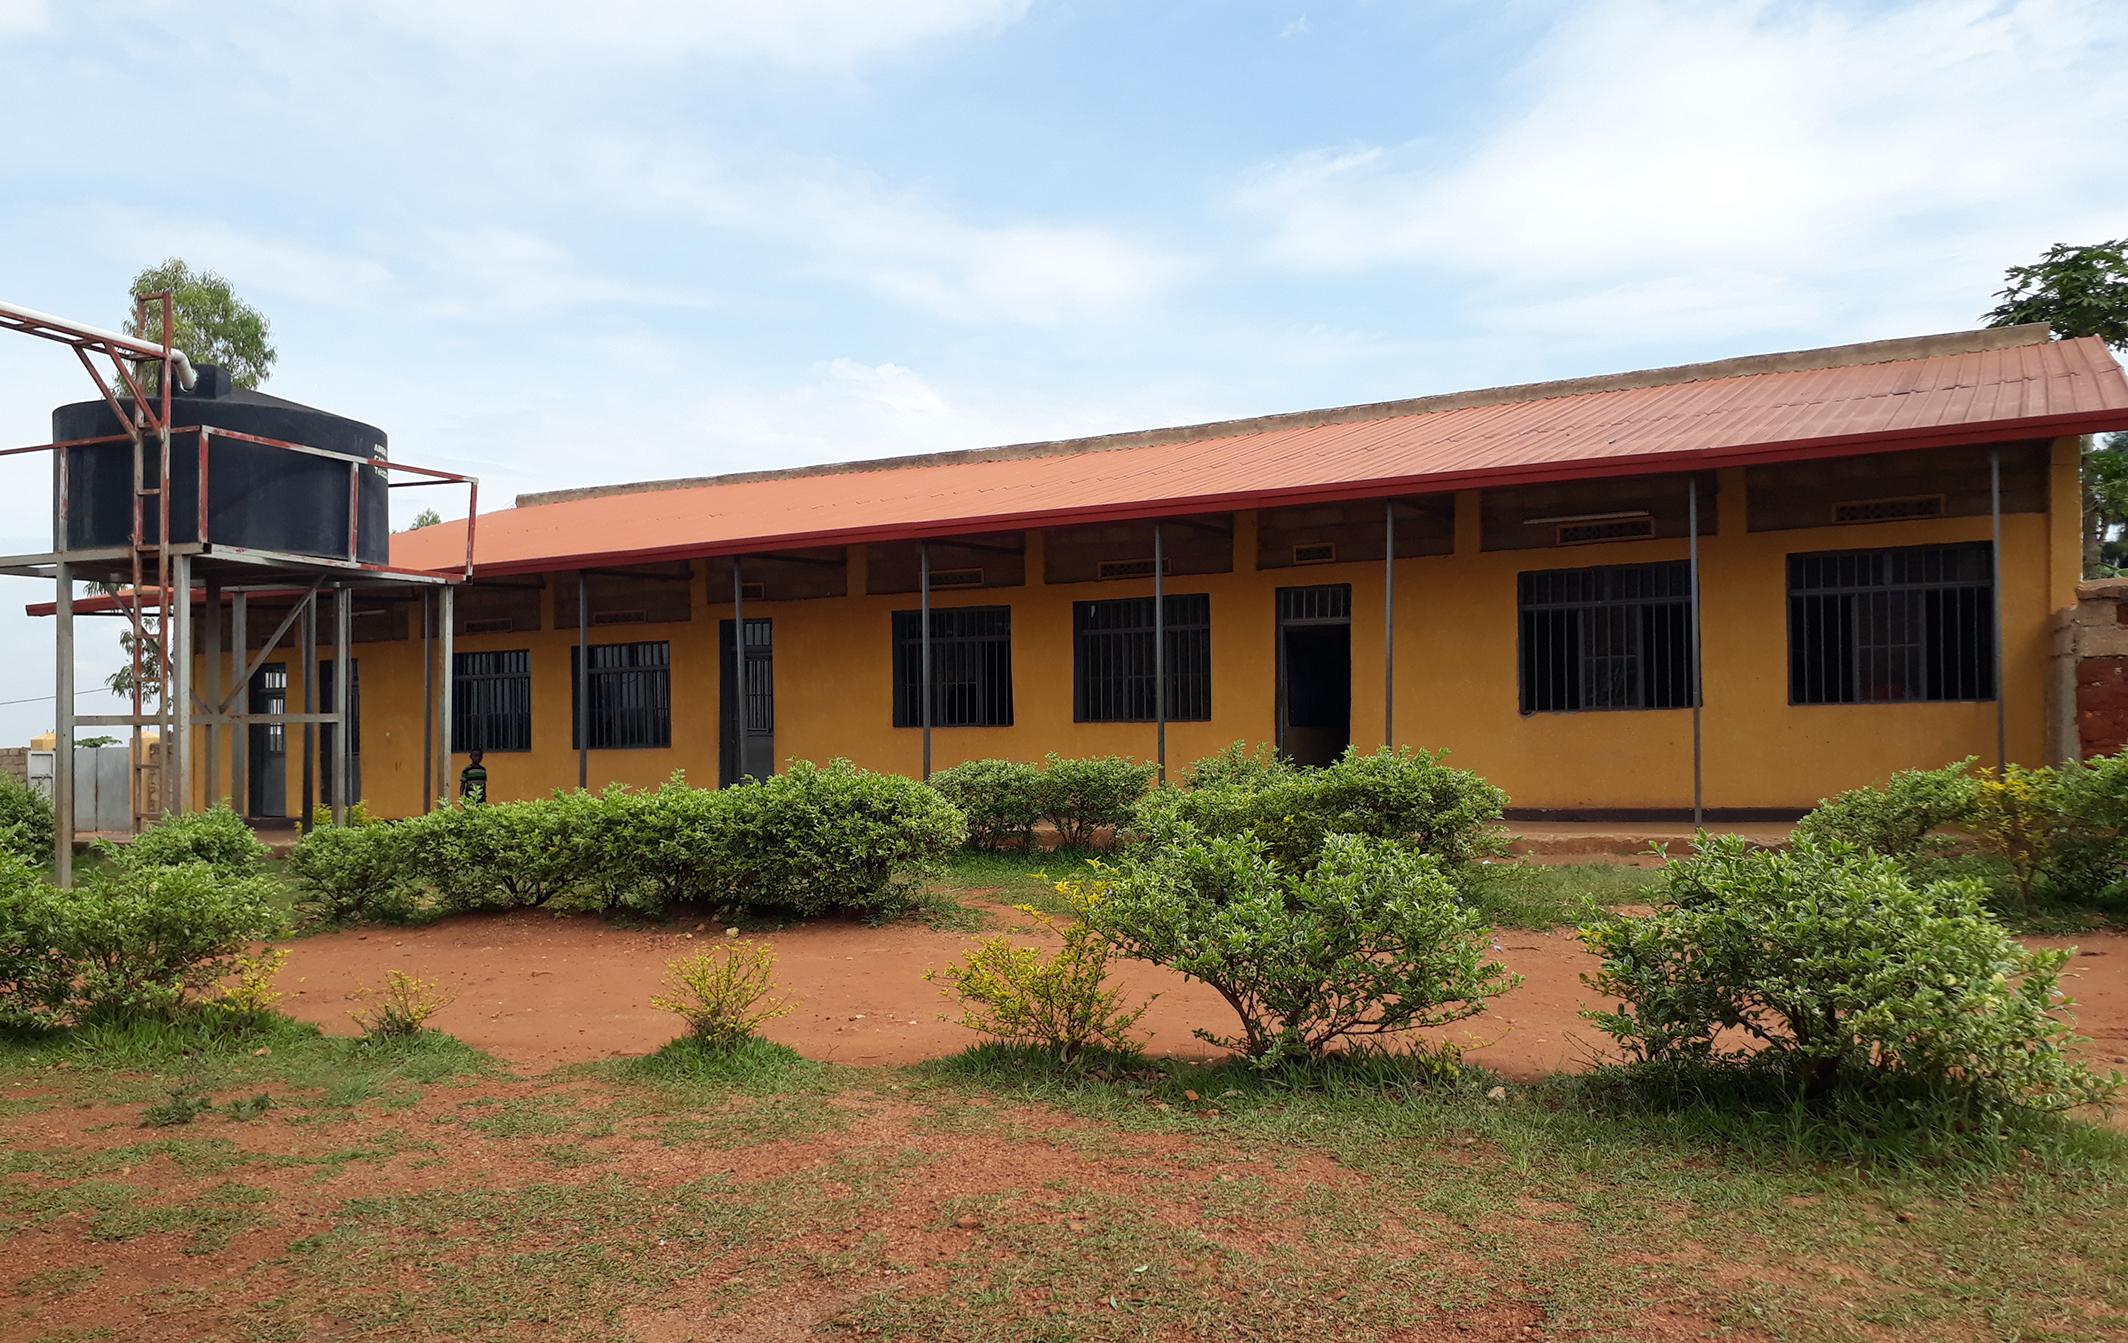 Vy píšete, my platíme. Spolu podporujeme túto školu v Afrike.